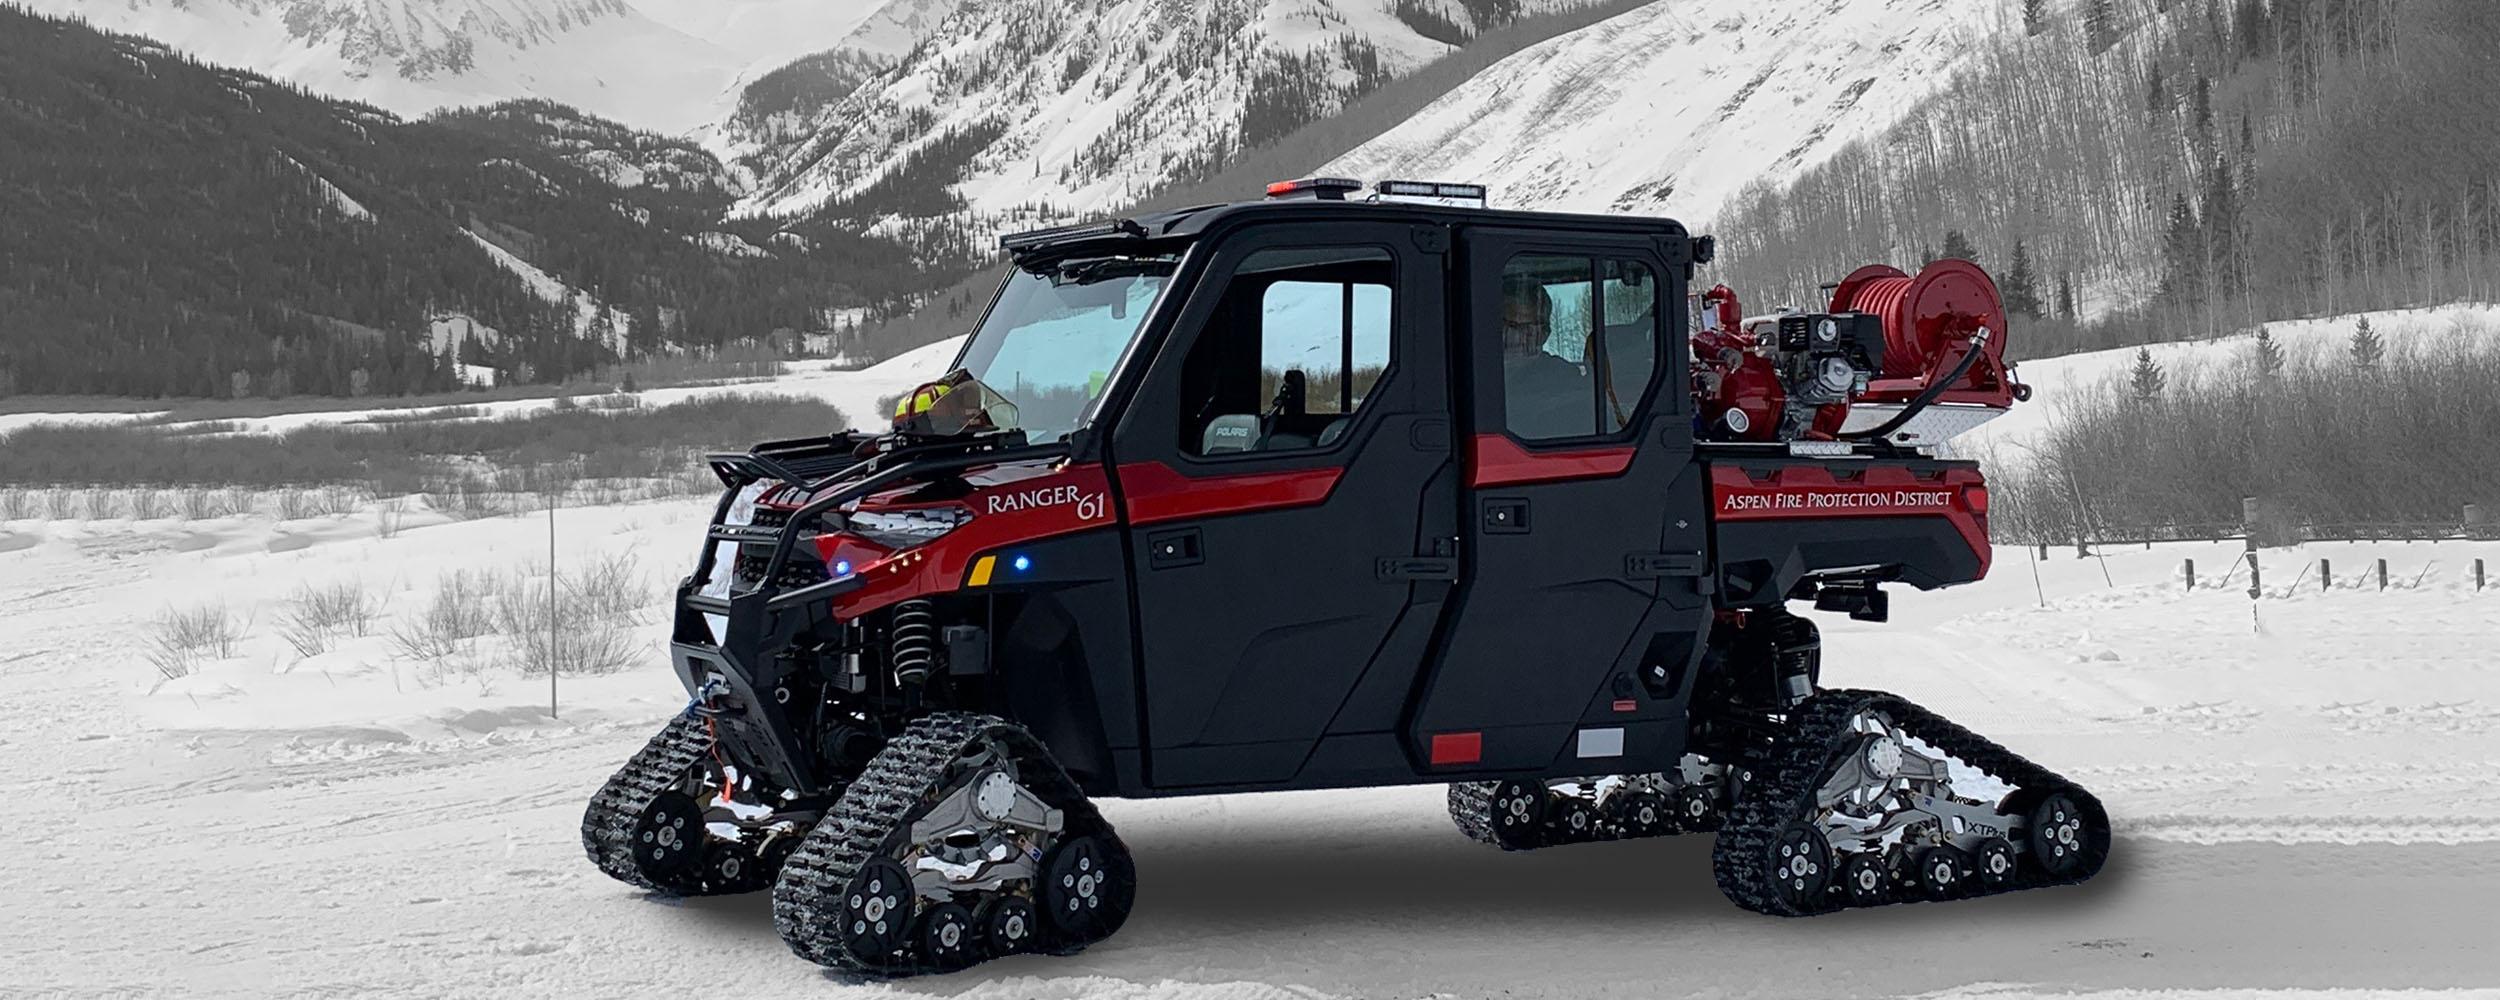 Home-Ranger-Truck-2500x1000